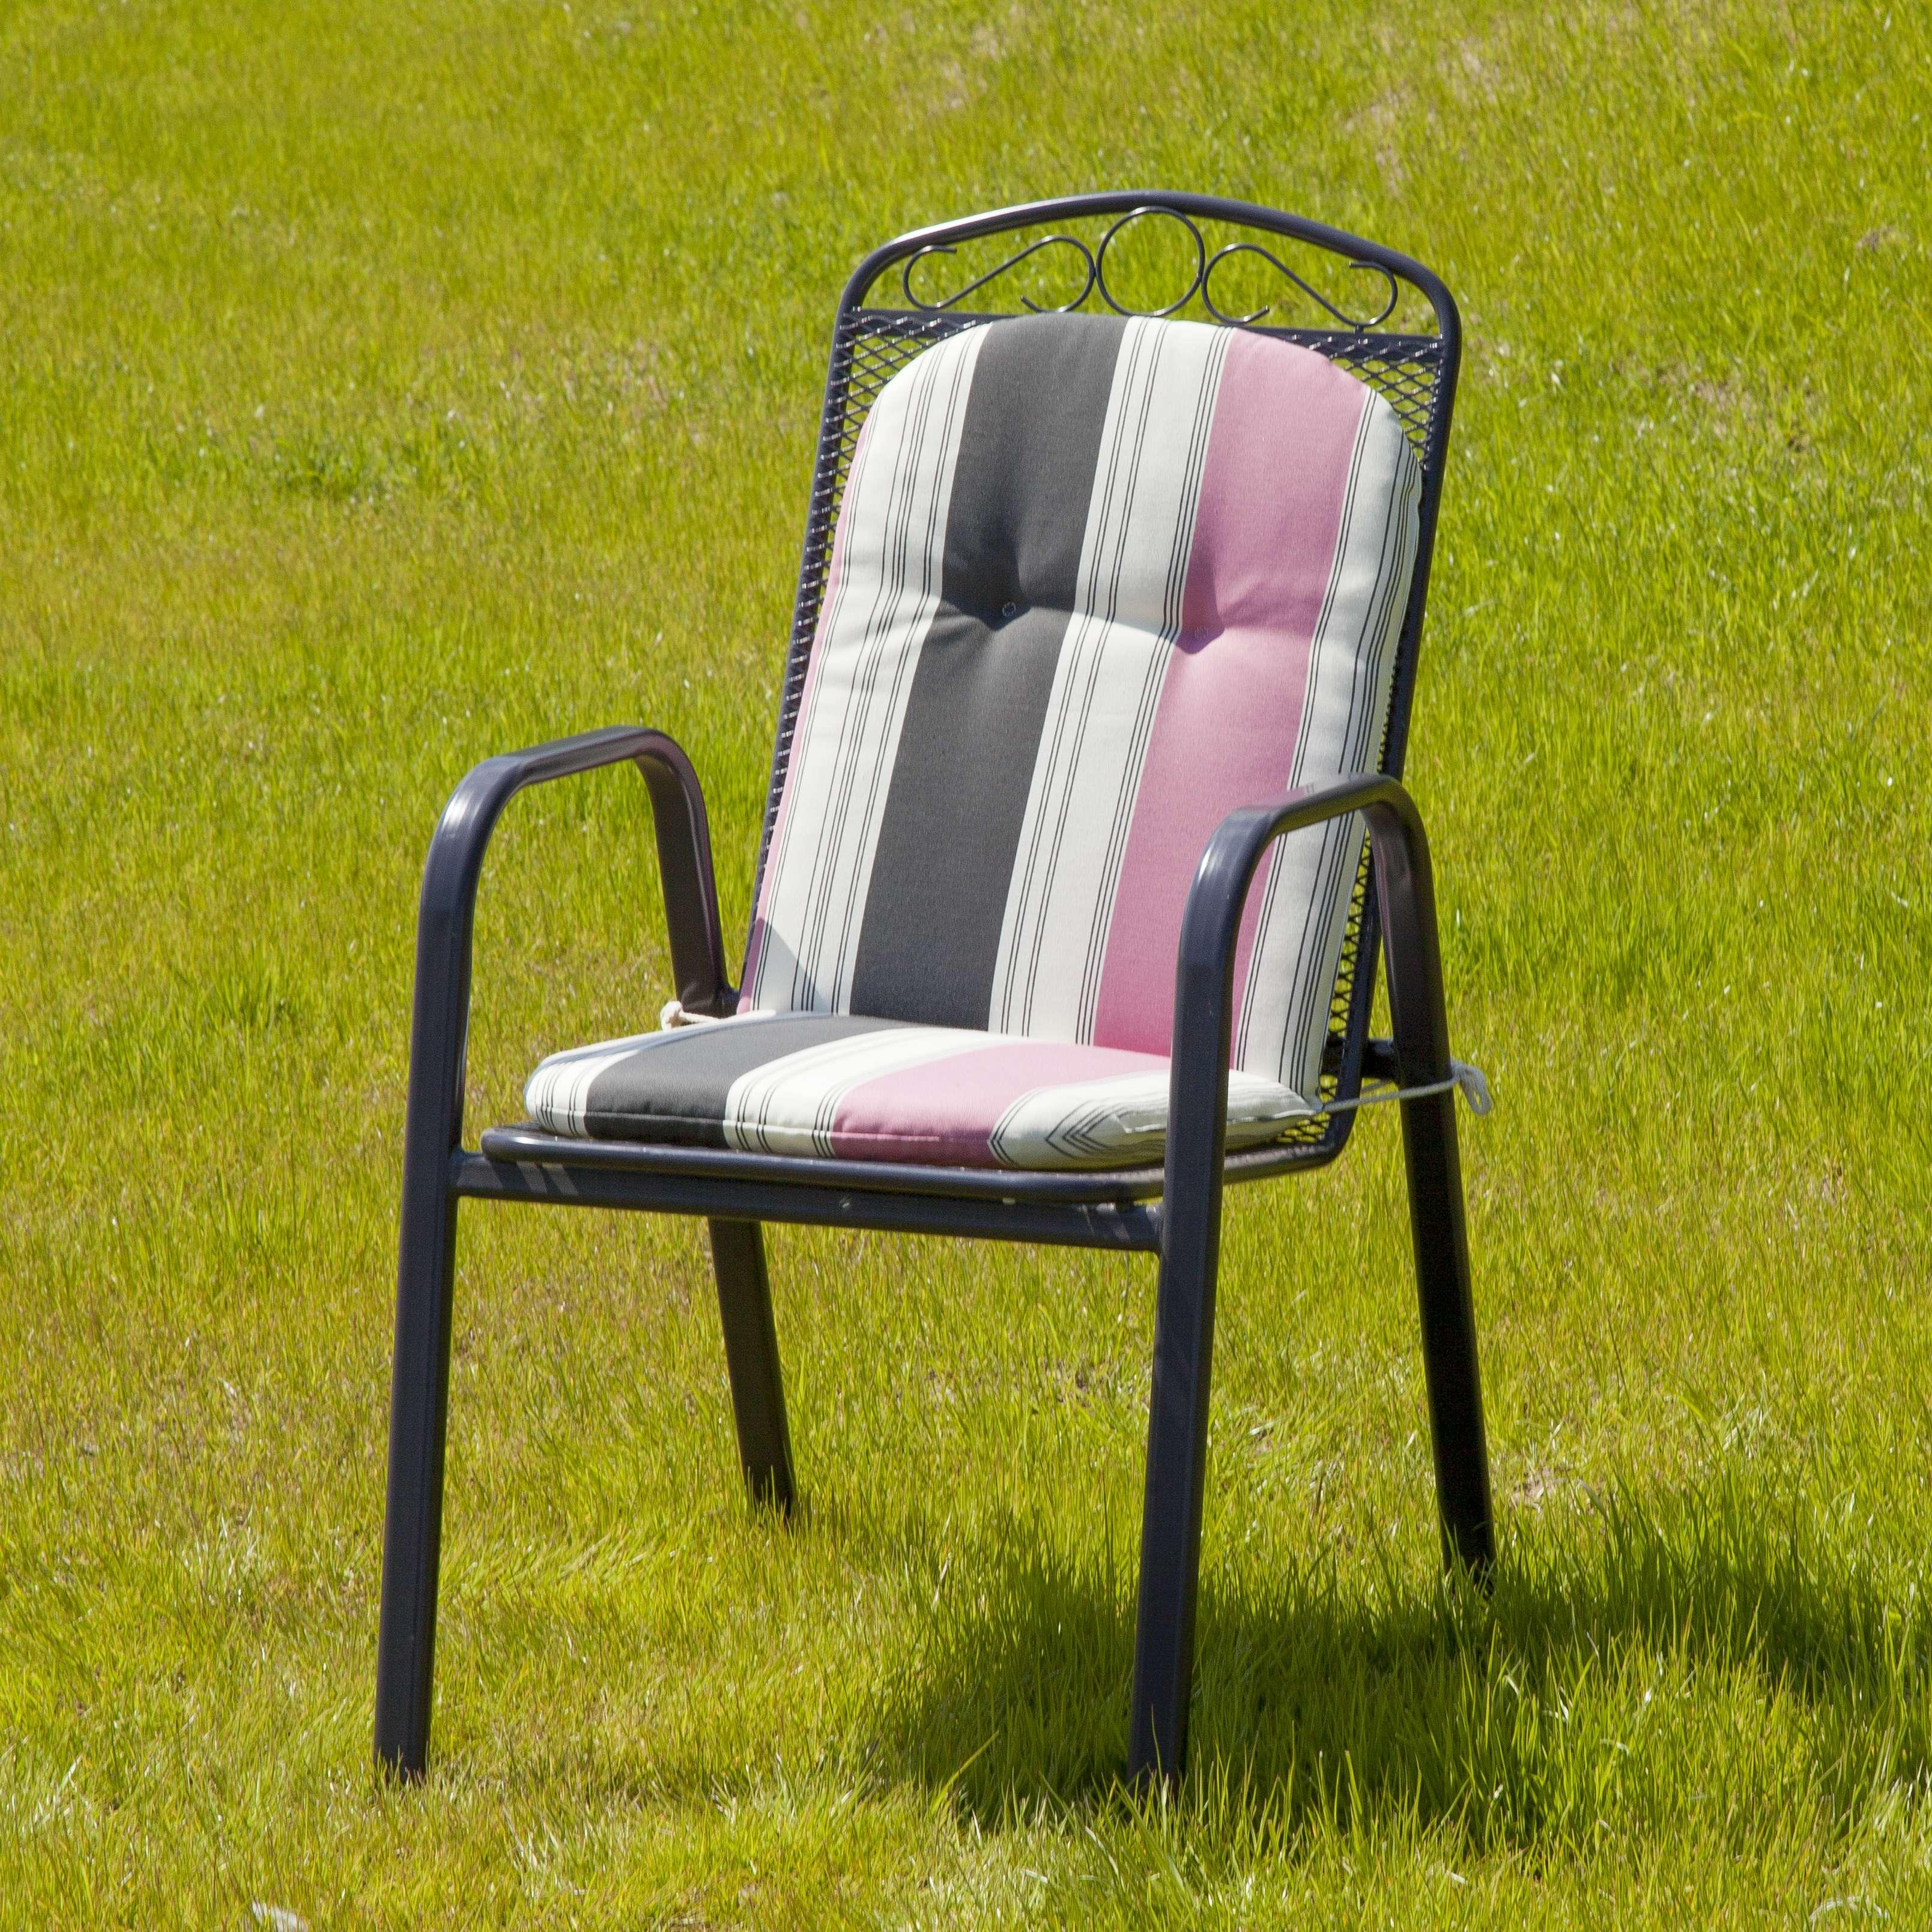 Kėdės čiužinys 94x40x3,5cm pilkai rausvos juostos 94x40x3,5cm